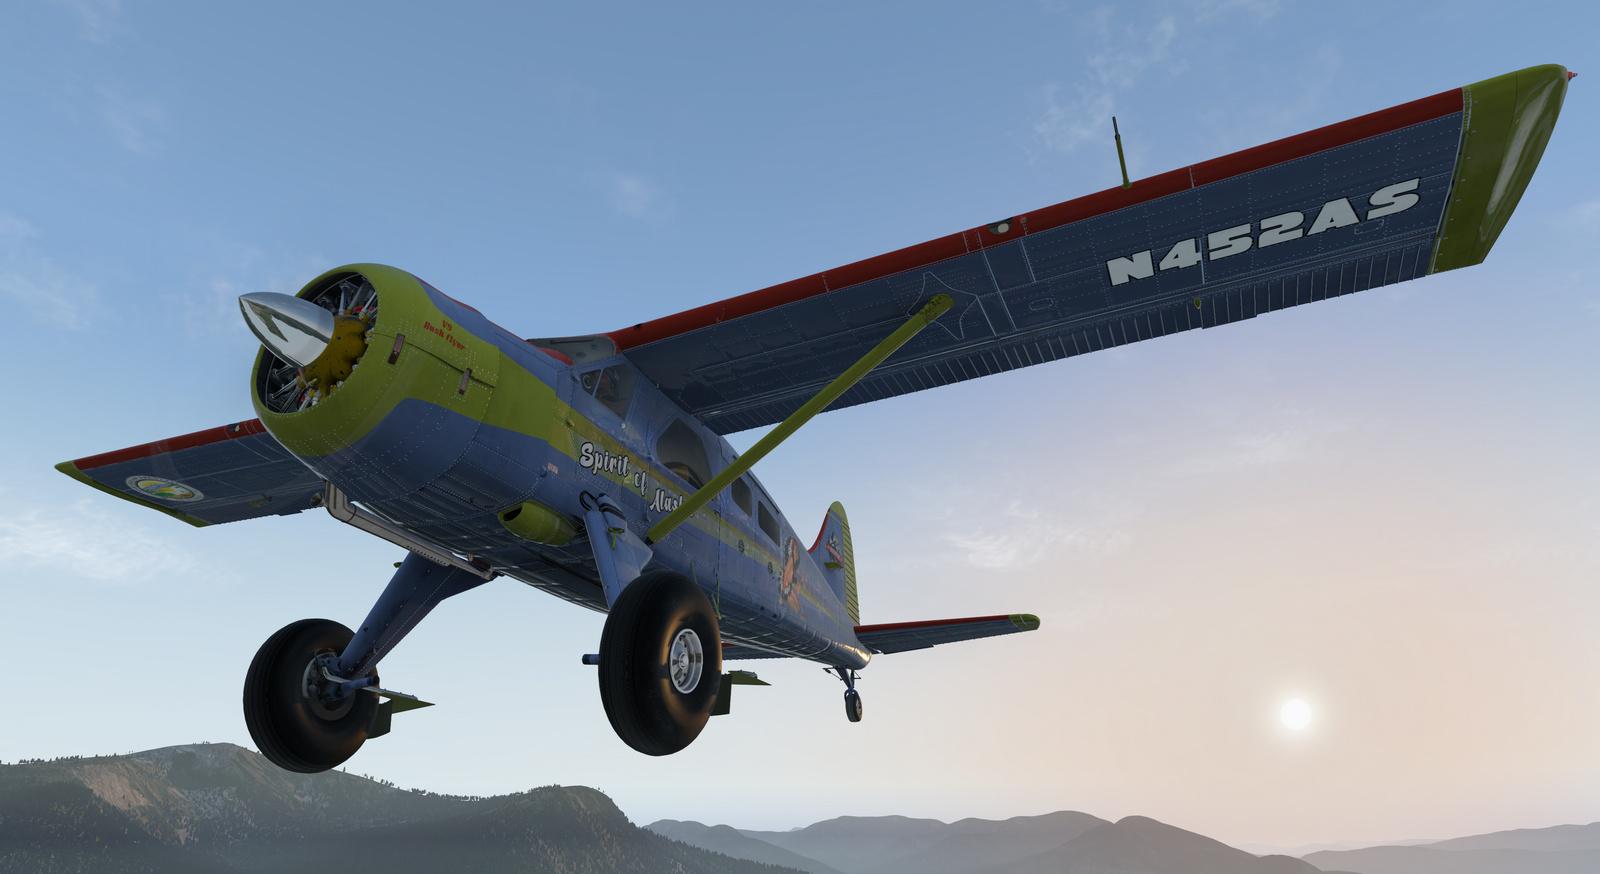 Spirit of Alaska repaint for Thranda DHC-2 Beaver